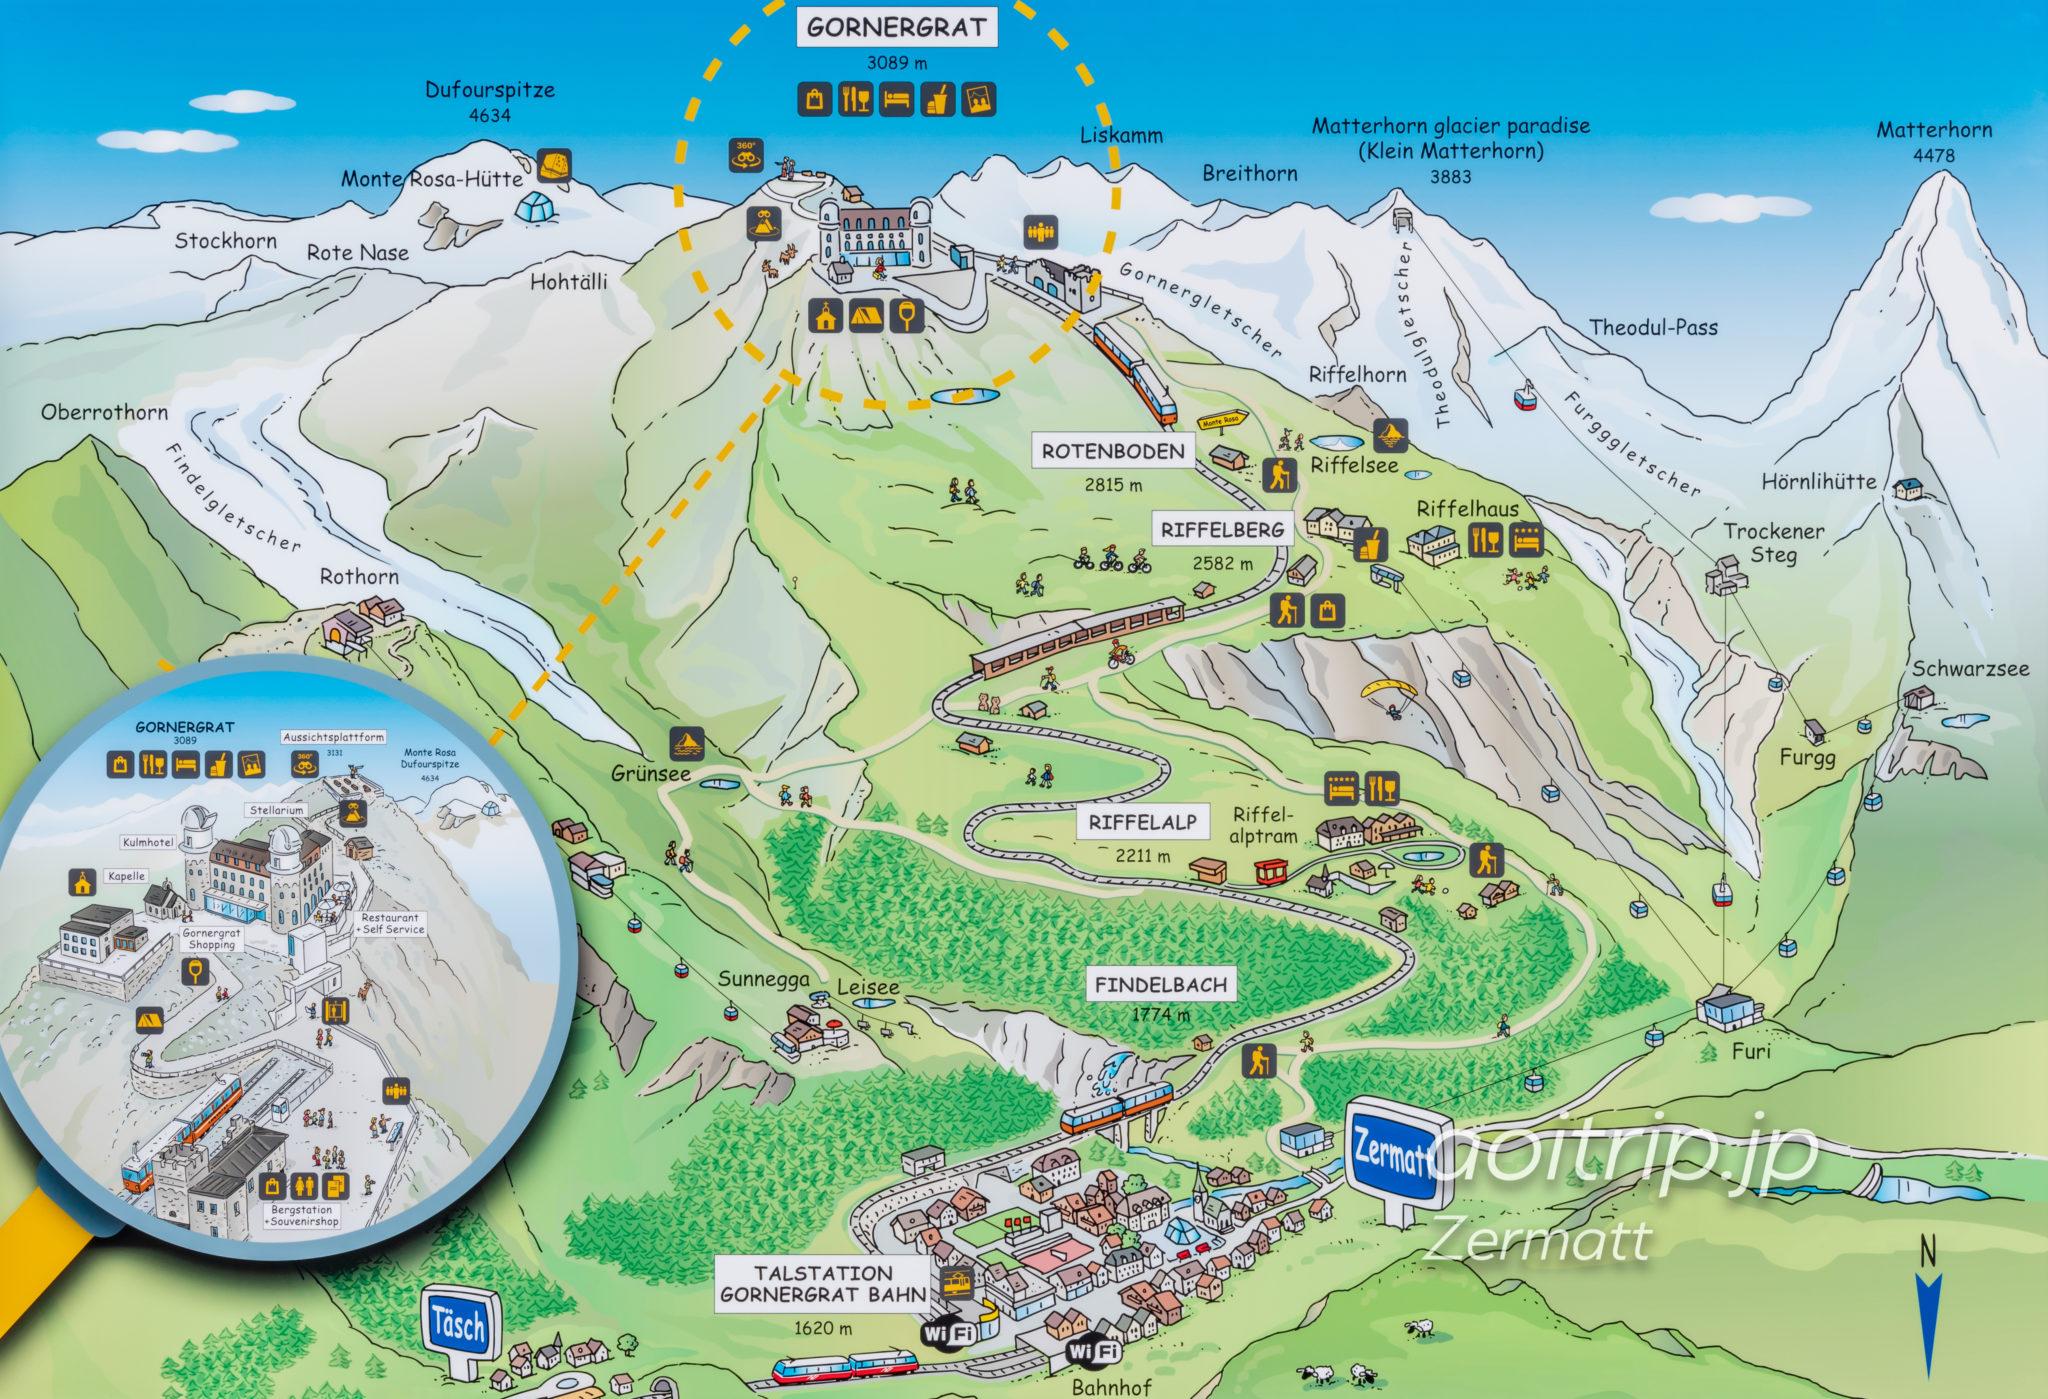 ゴルナーグラート鉄道のマップ